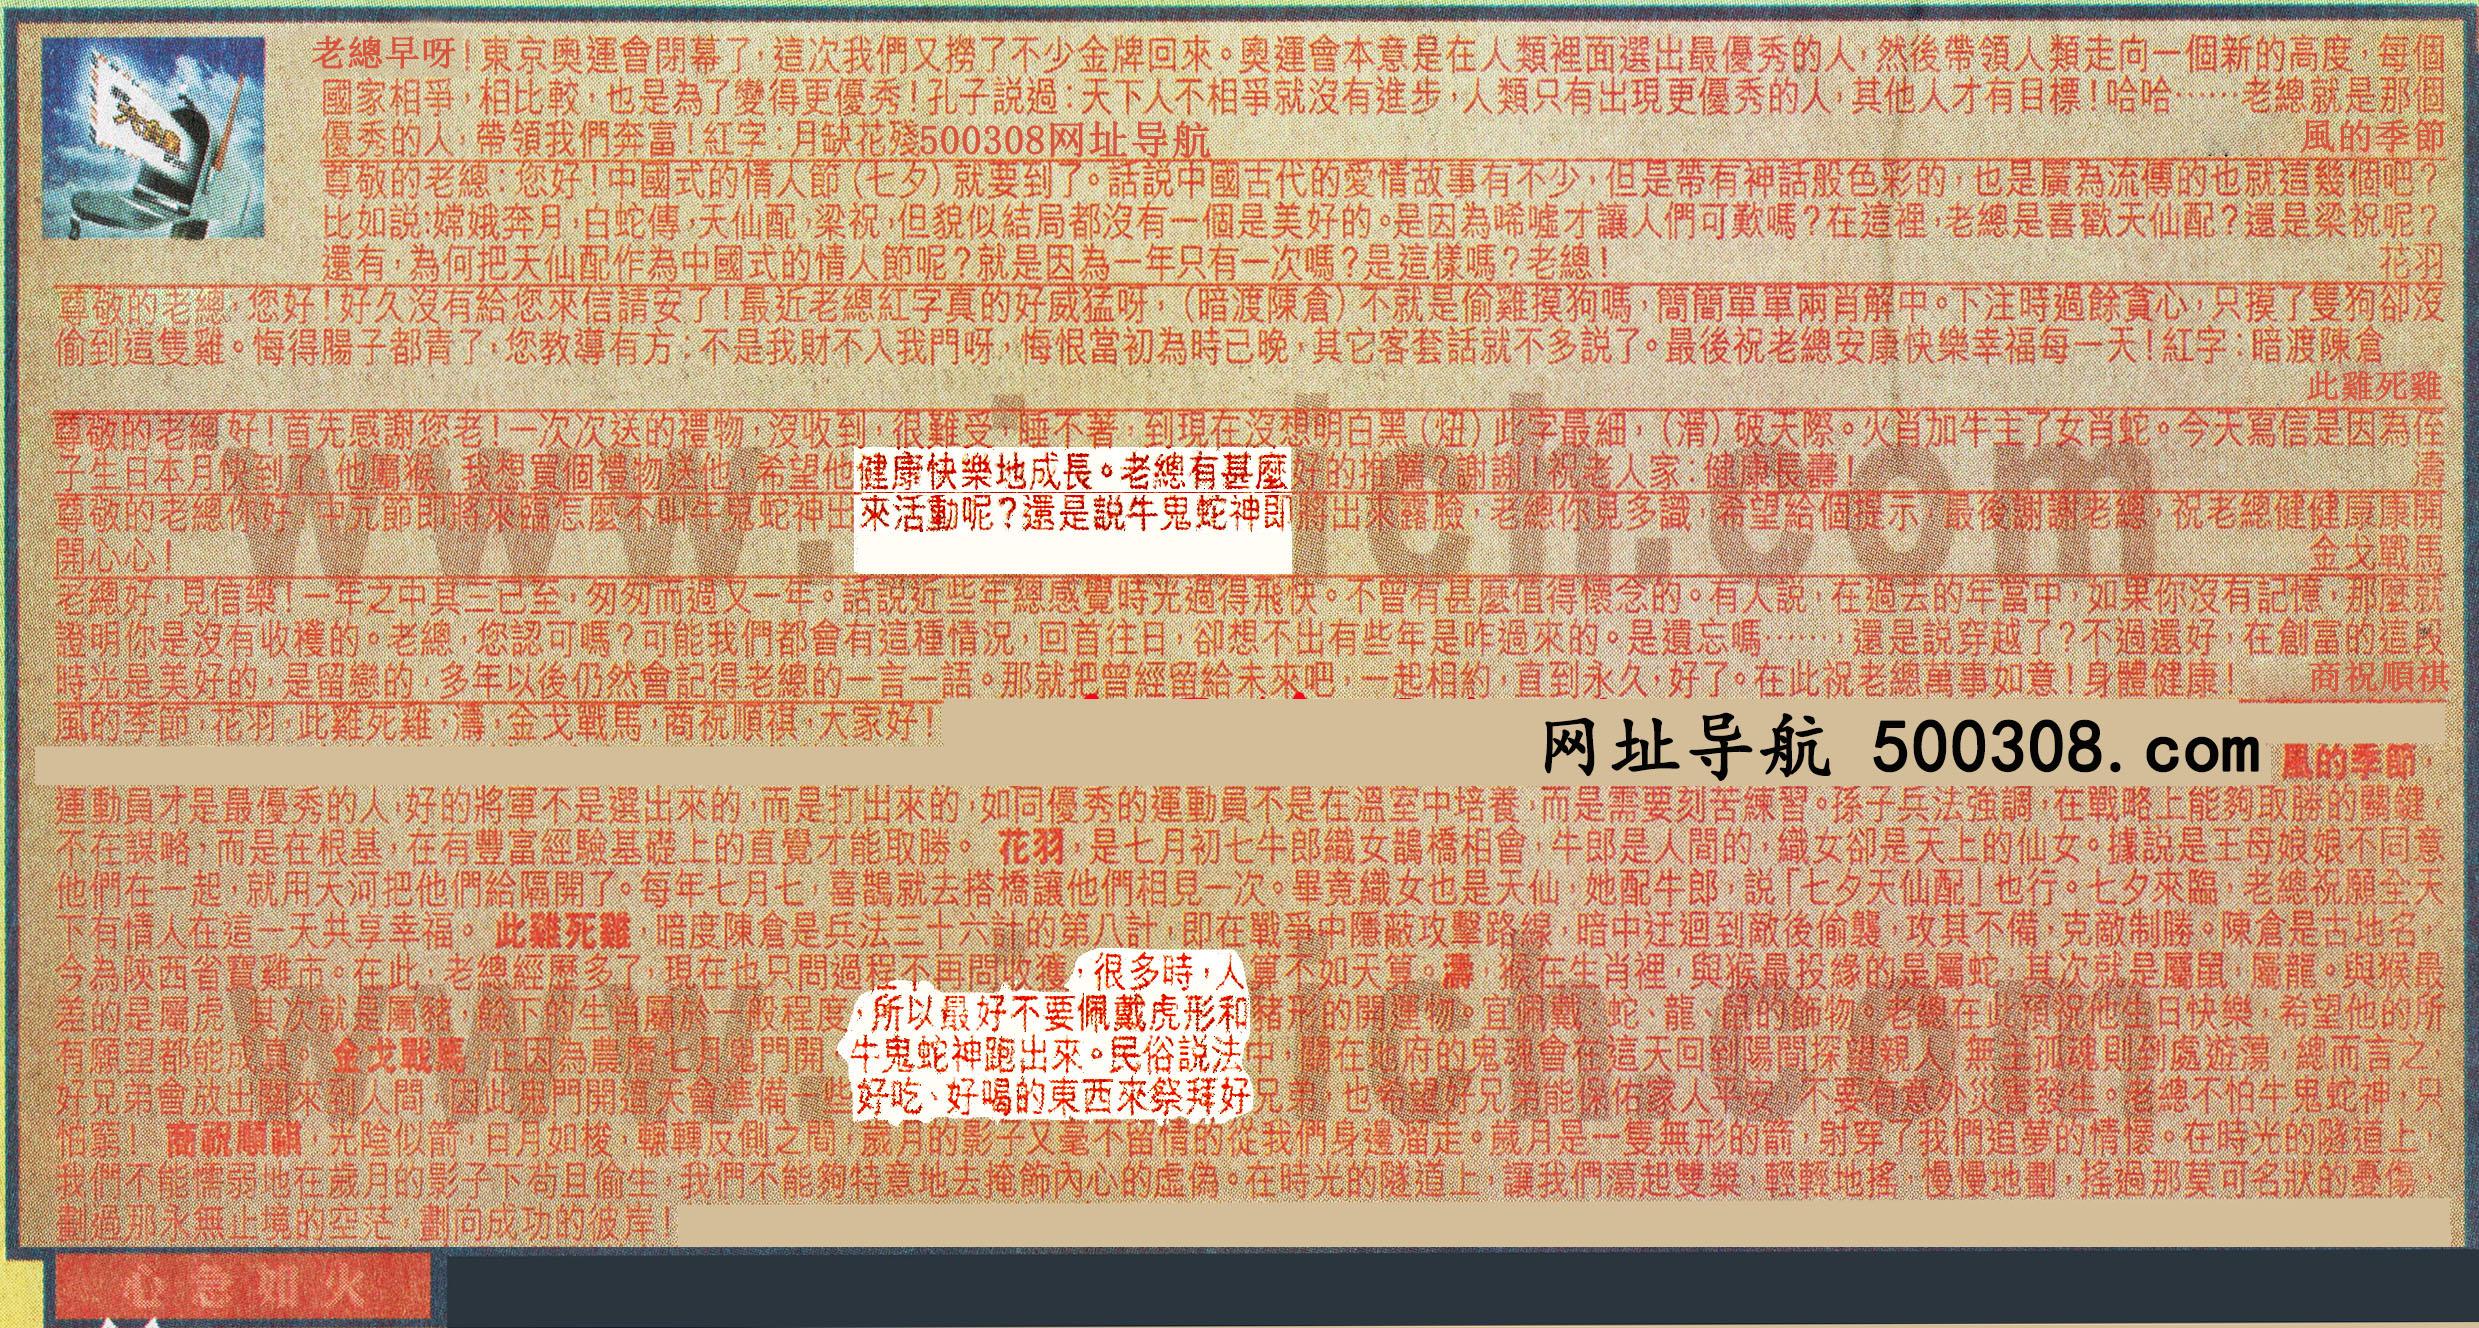 070期:彩民推荐六合皇信箱(�t字:心急如火) 070期开奖结果:11-39-41-38-19-12-T06(猴/绿/火)